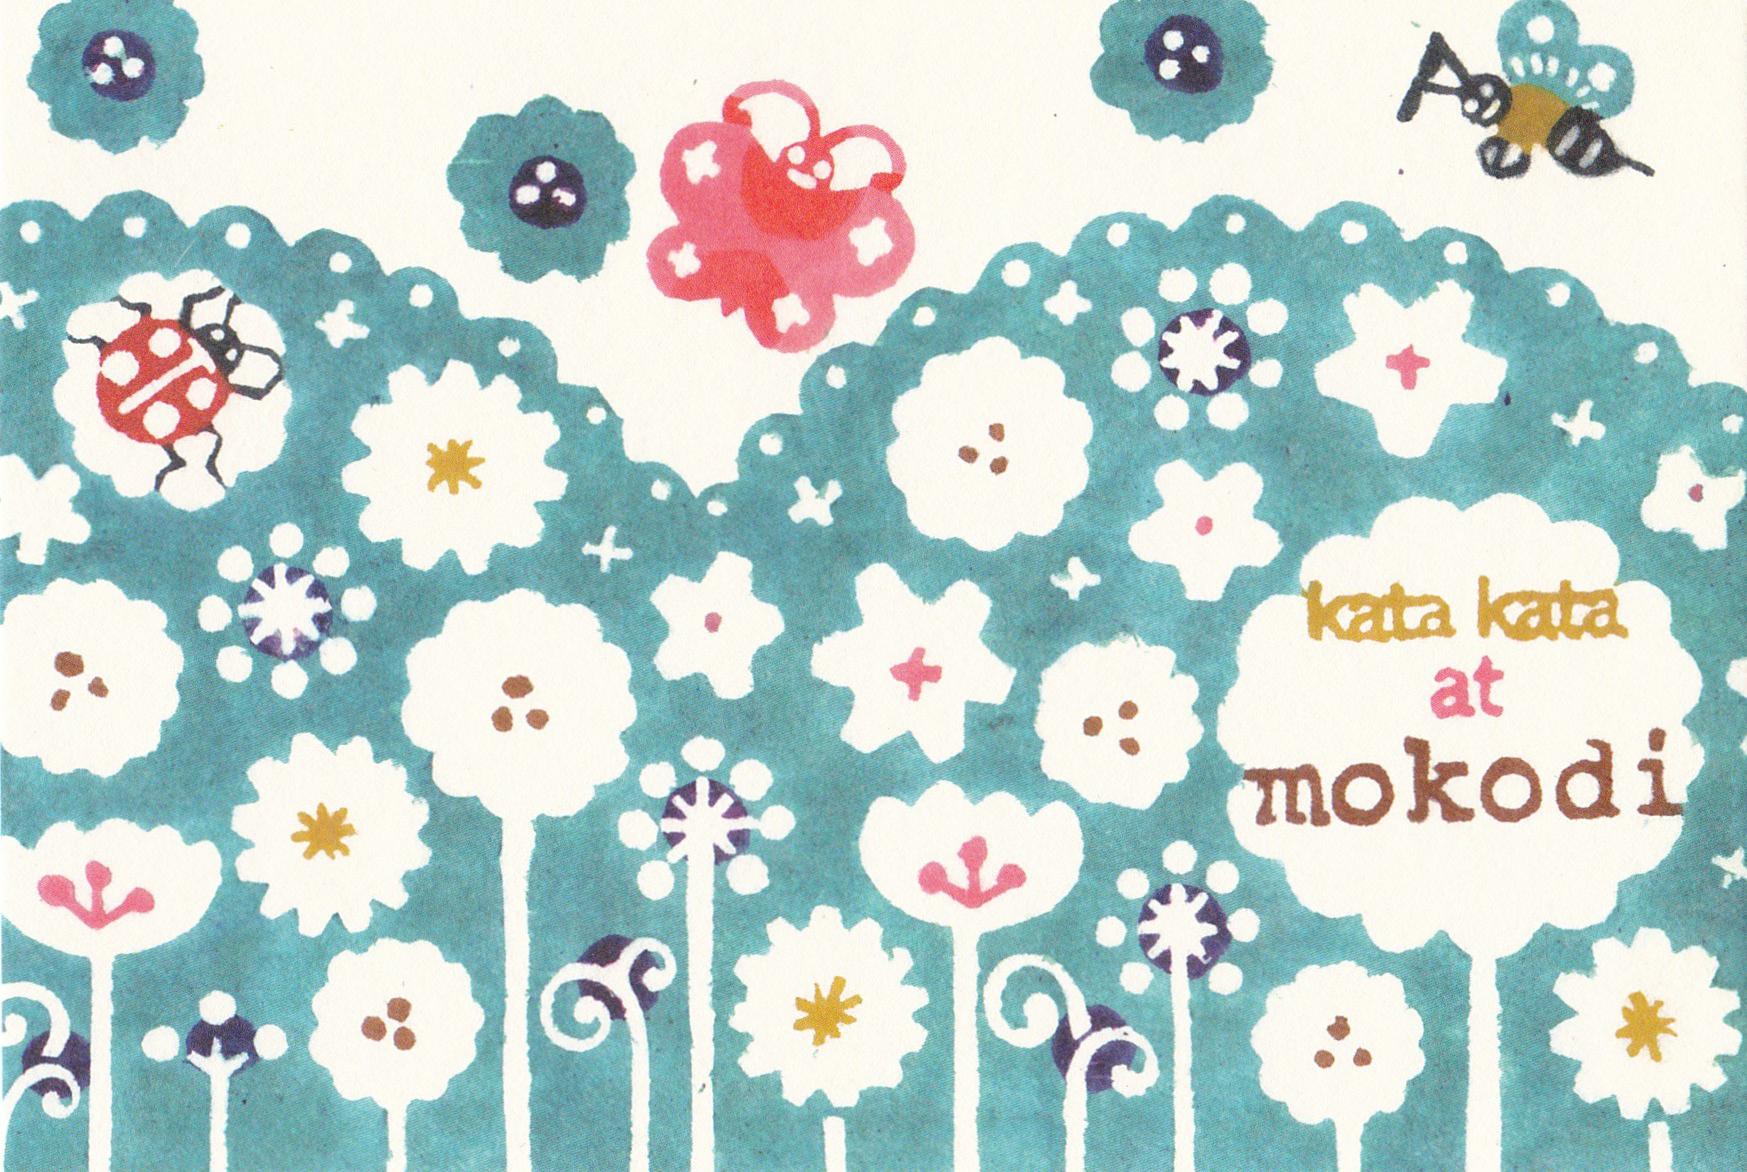 春を染める kata kata 展 2009